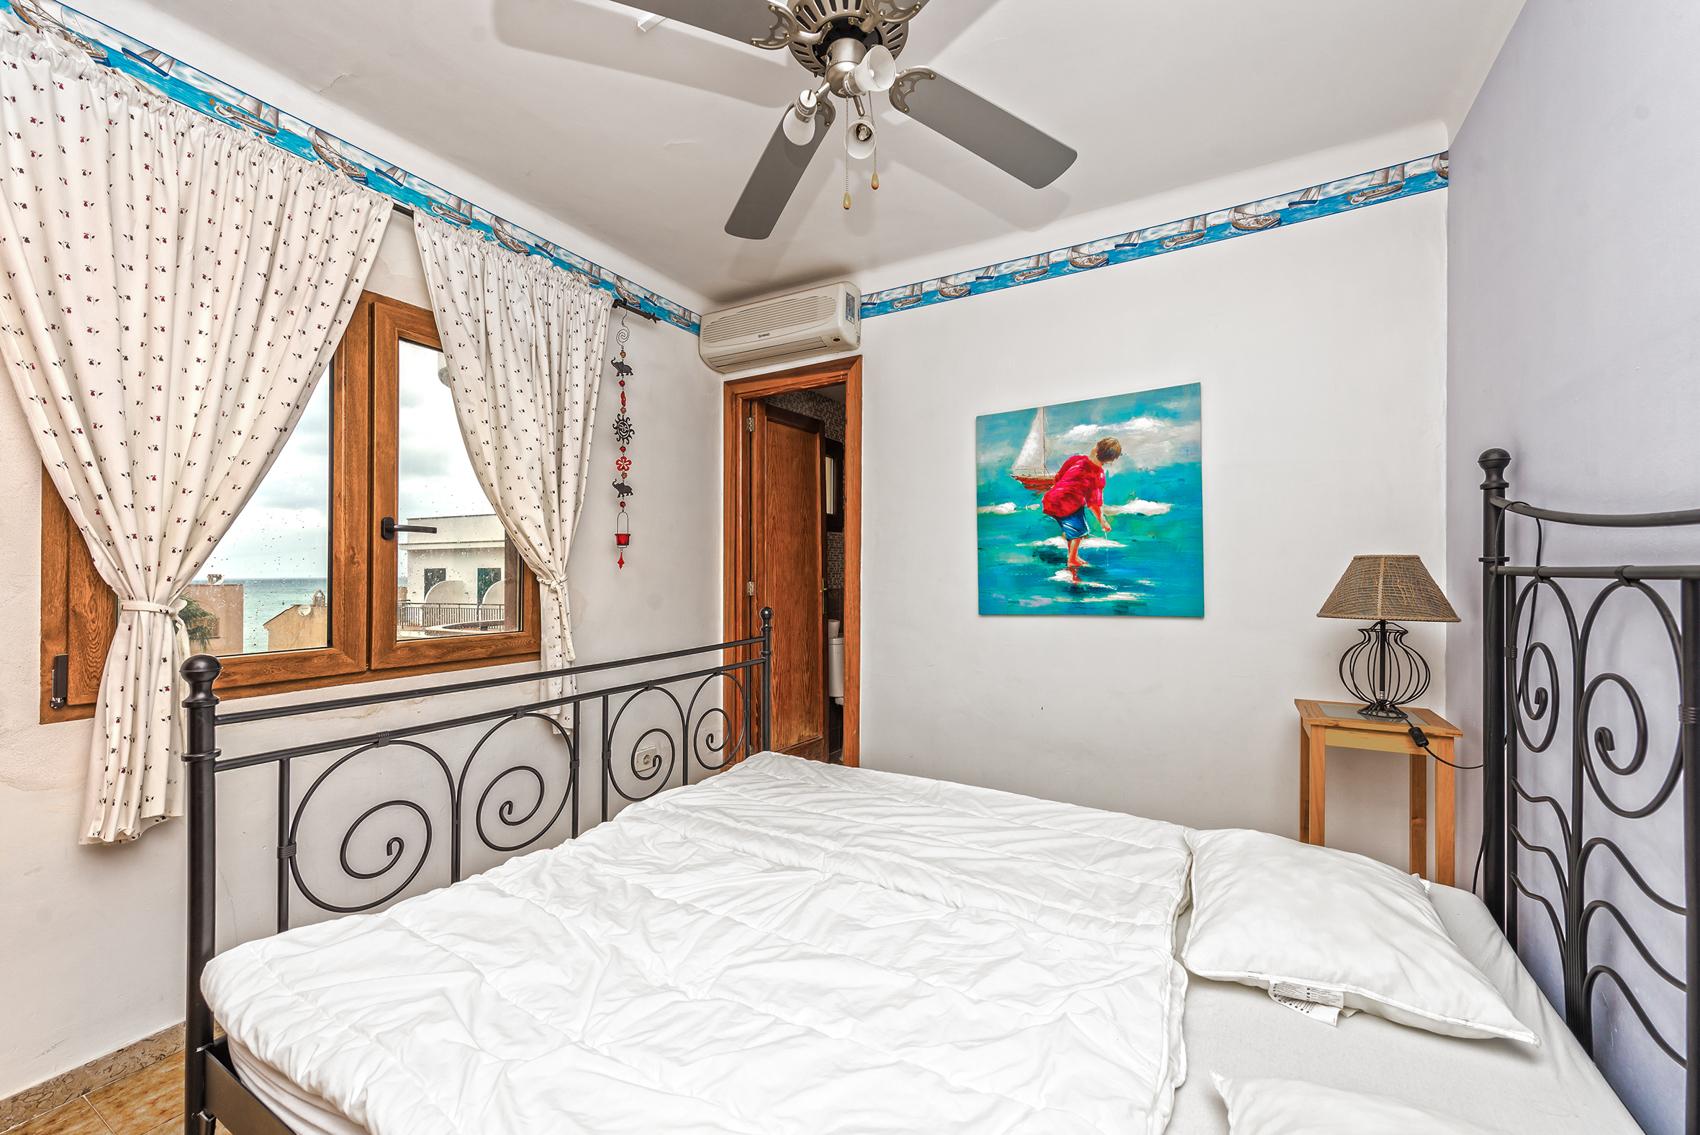 Schlafzimmer mit Bad ensuite und Meerblick in Port Andratx